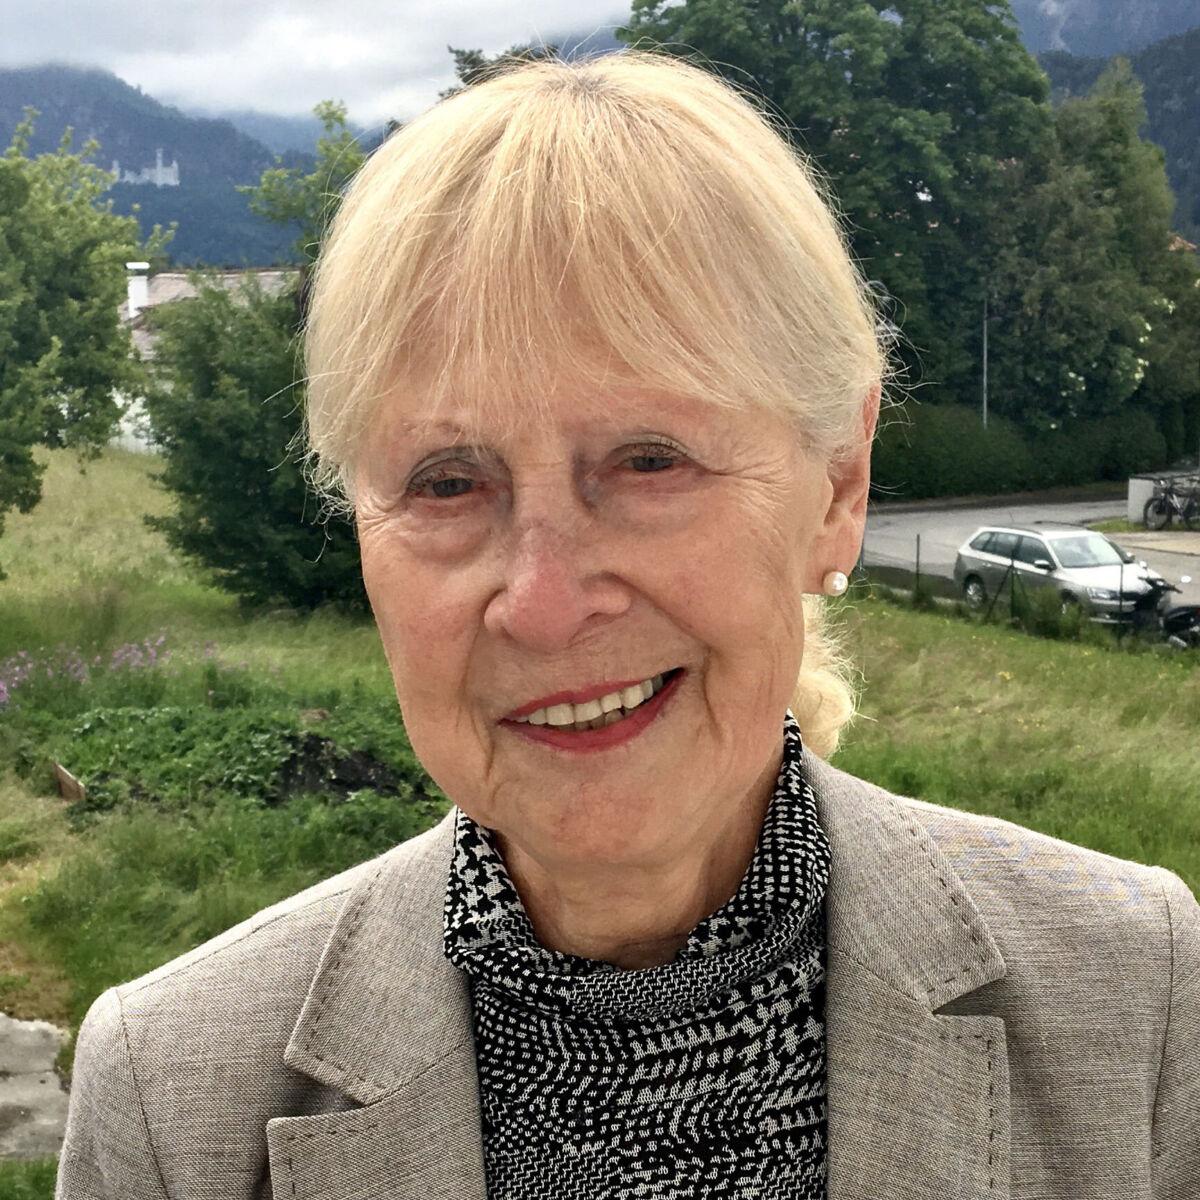 Christel Maurer